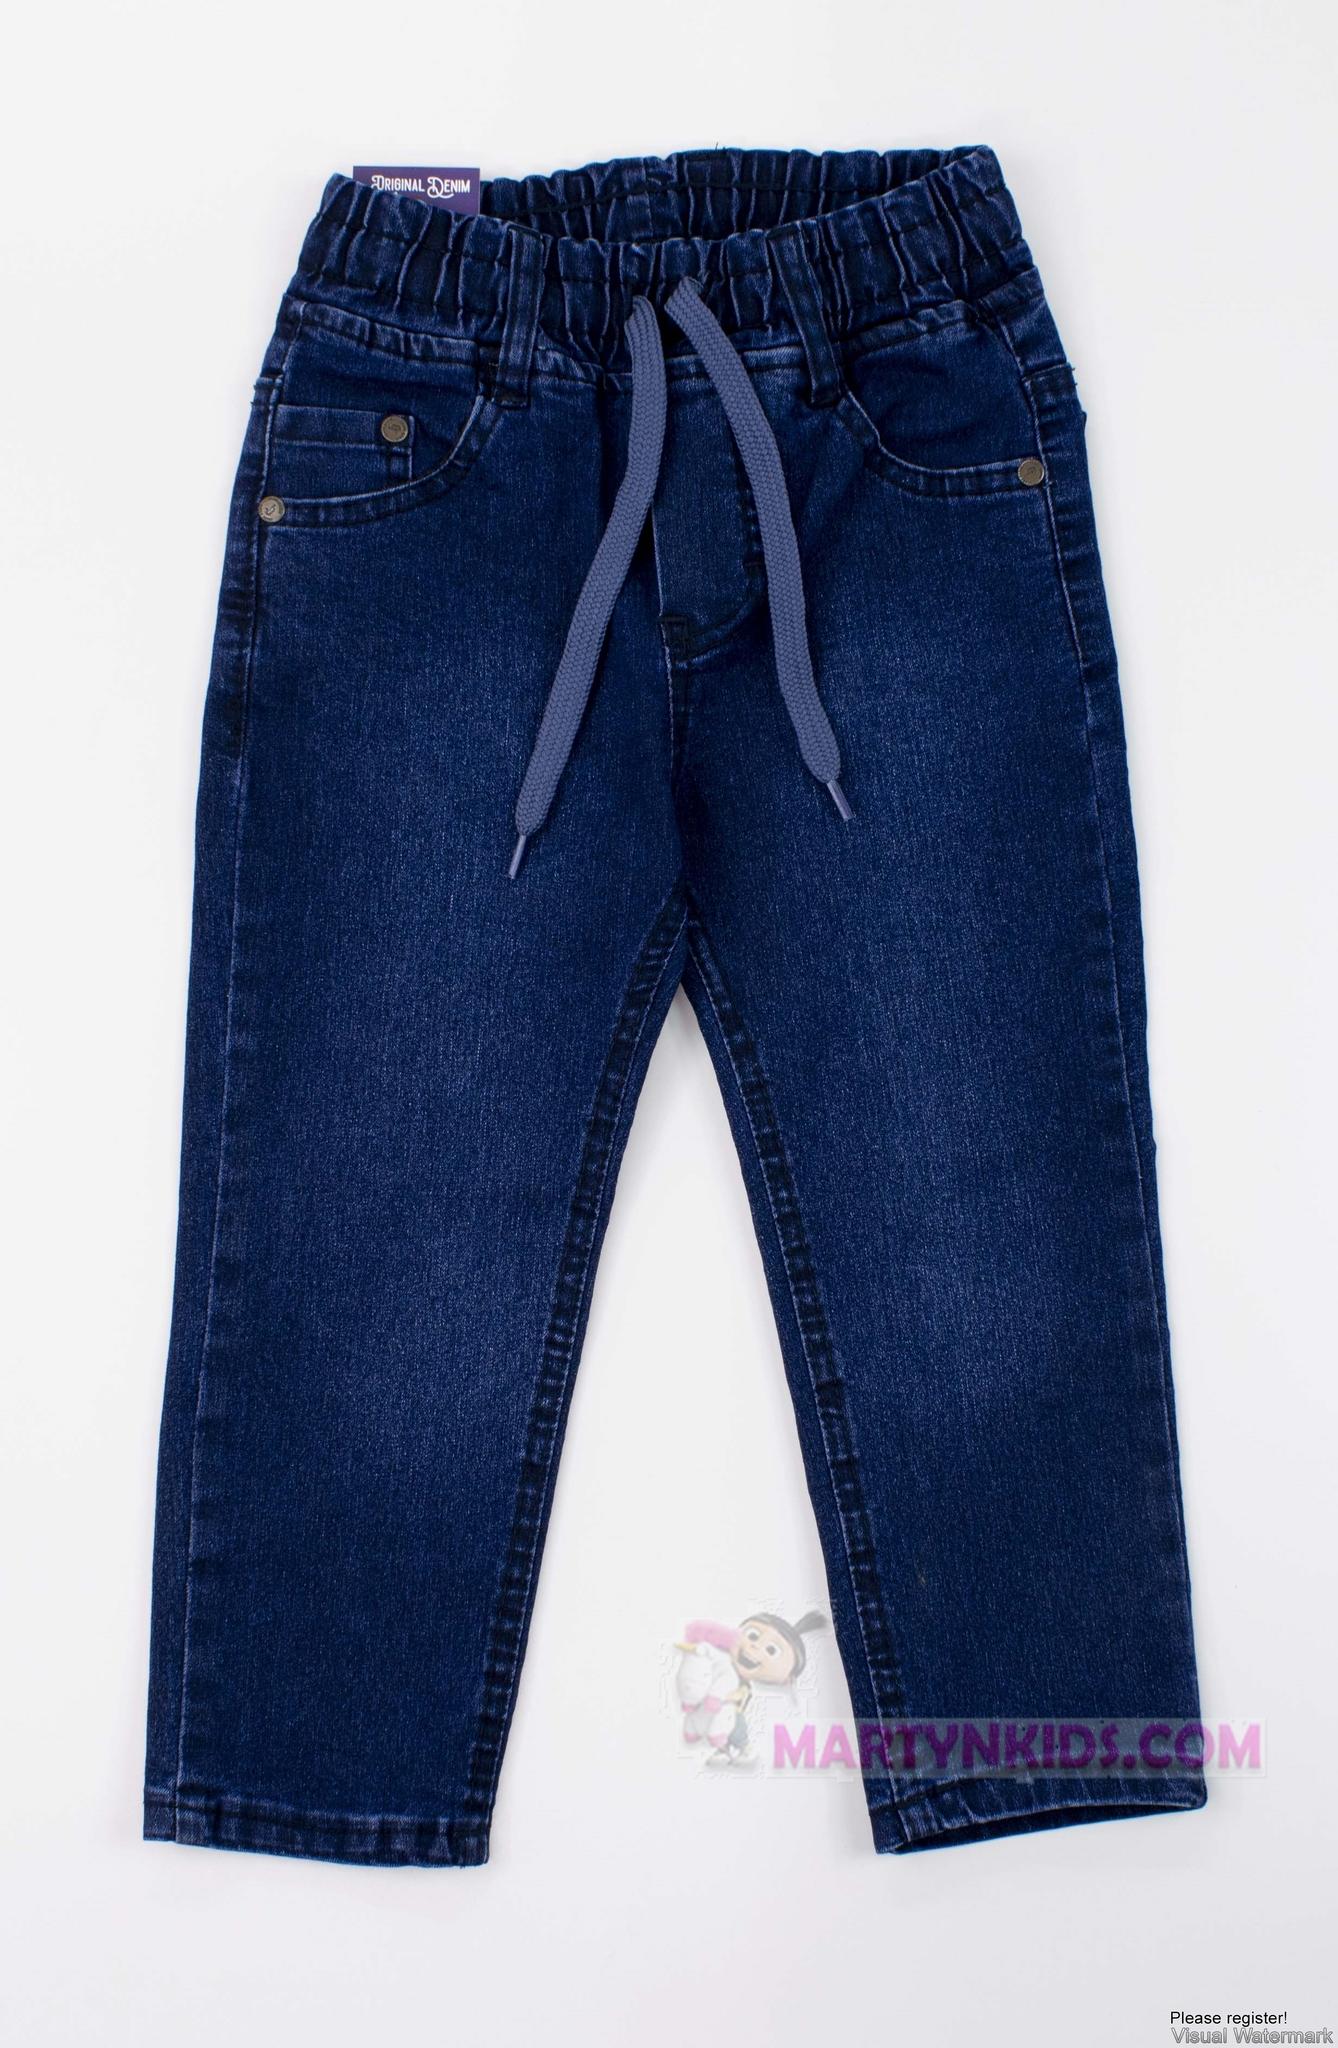 3295 джинсs Fagie 1998 стрейч